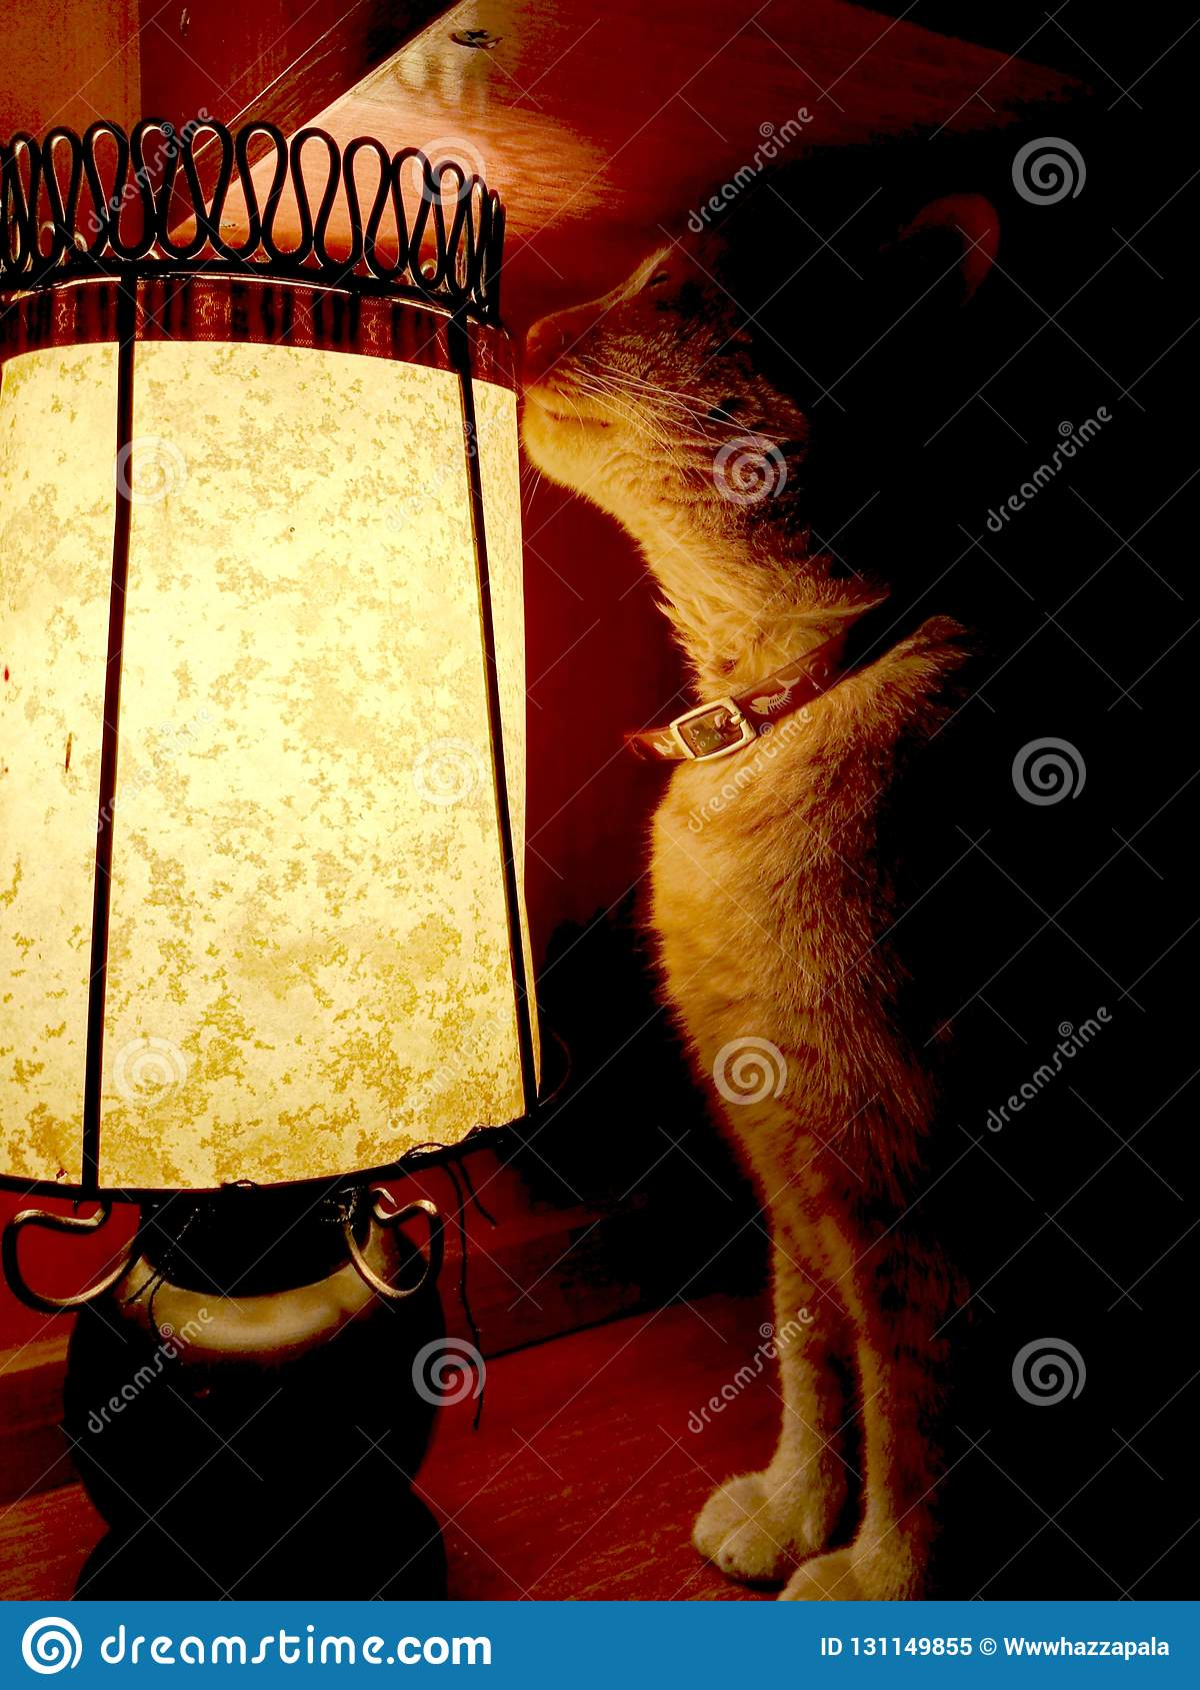 Yellow cat sitting next to lamp